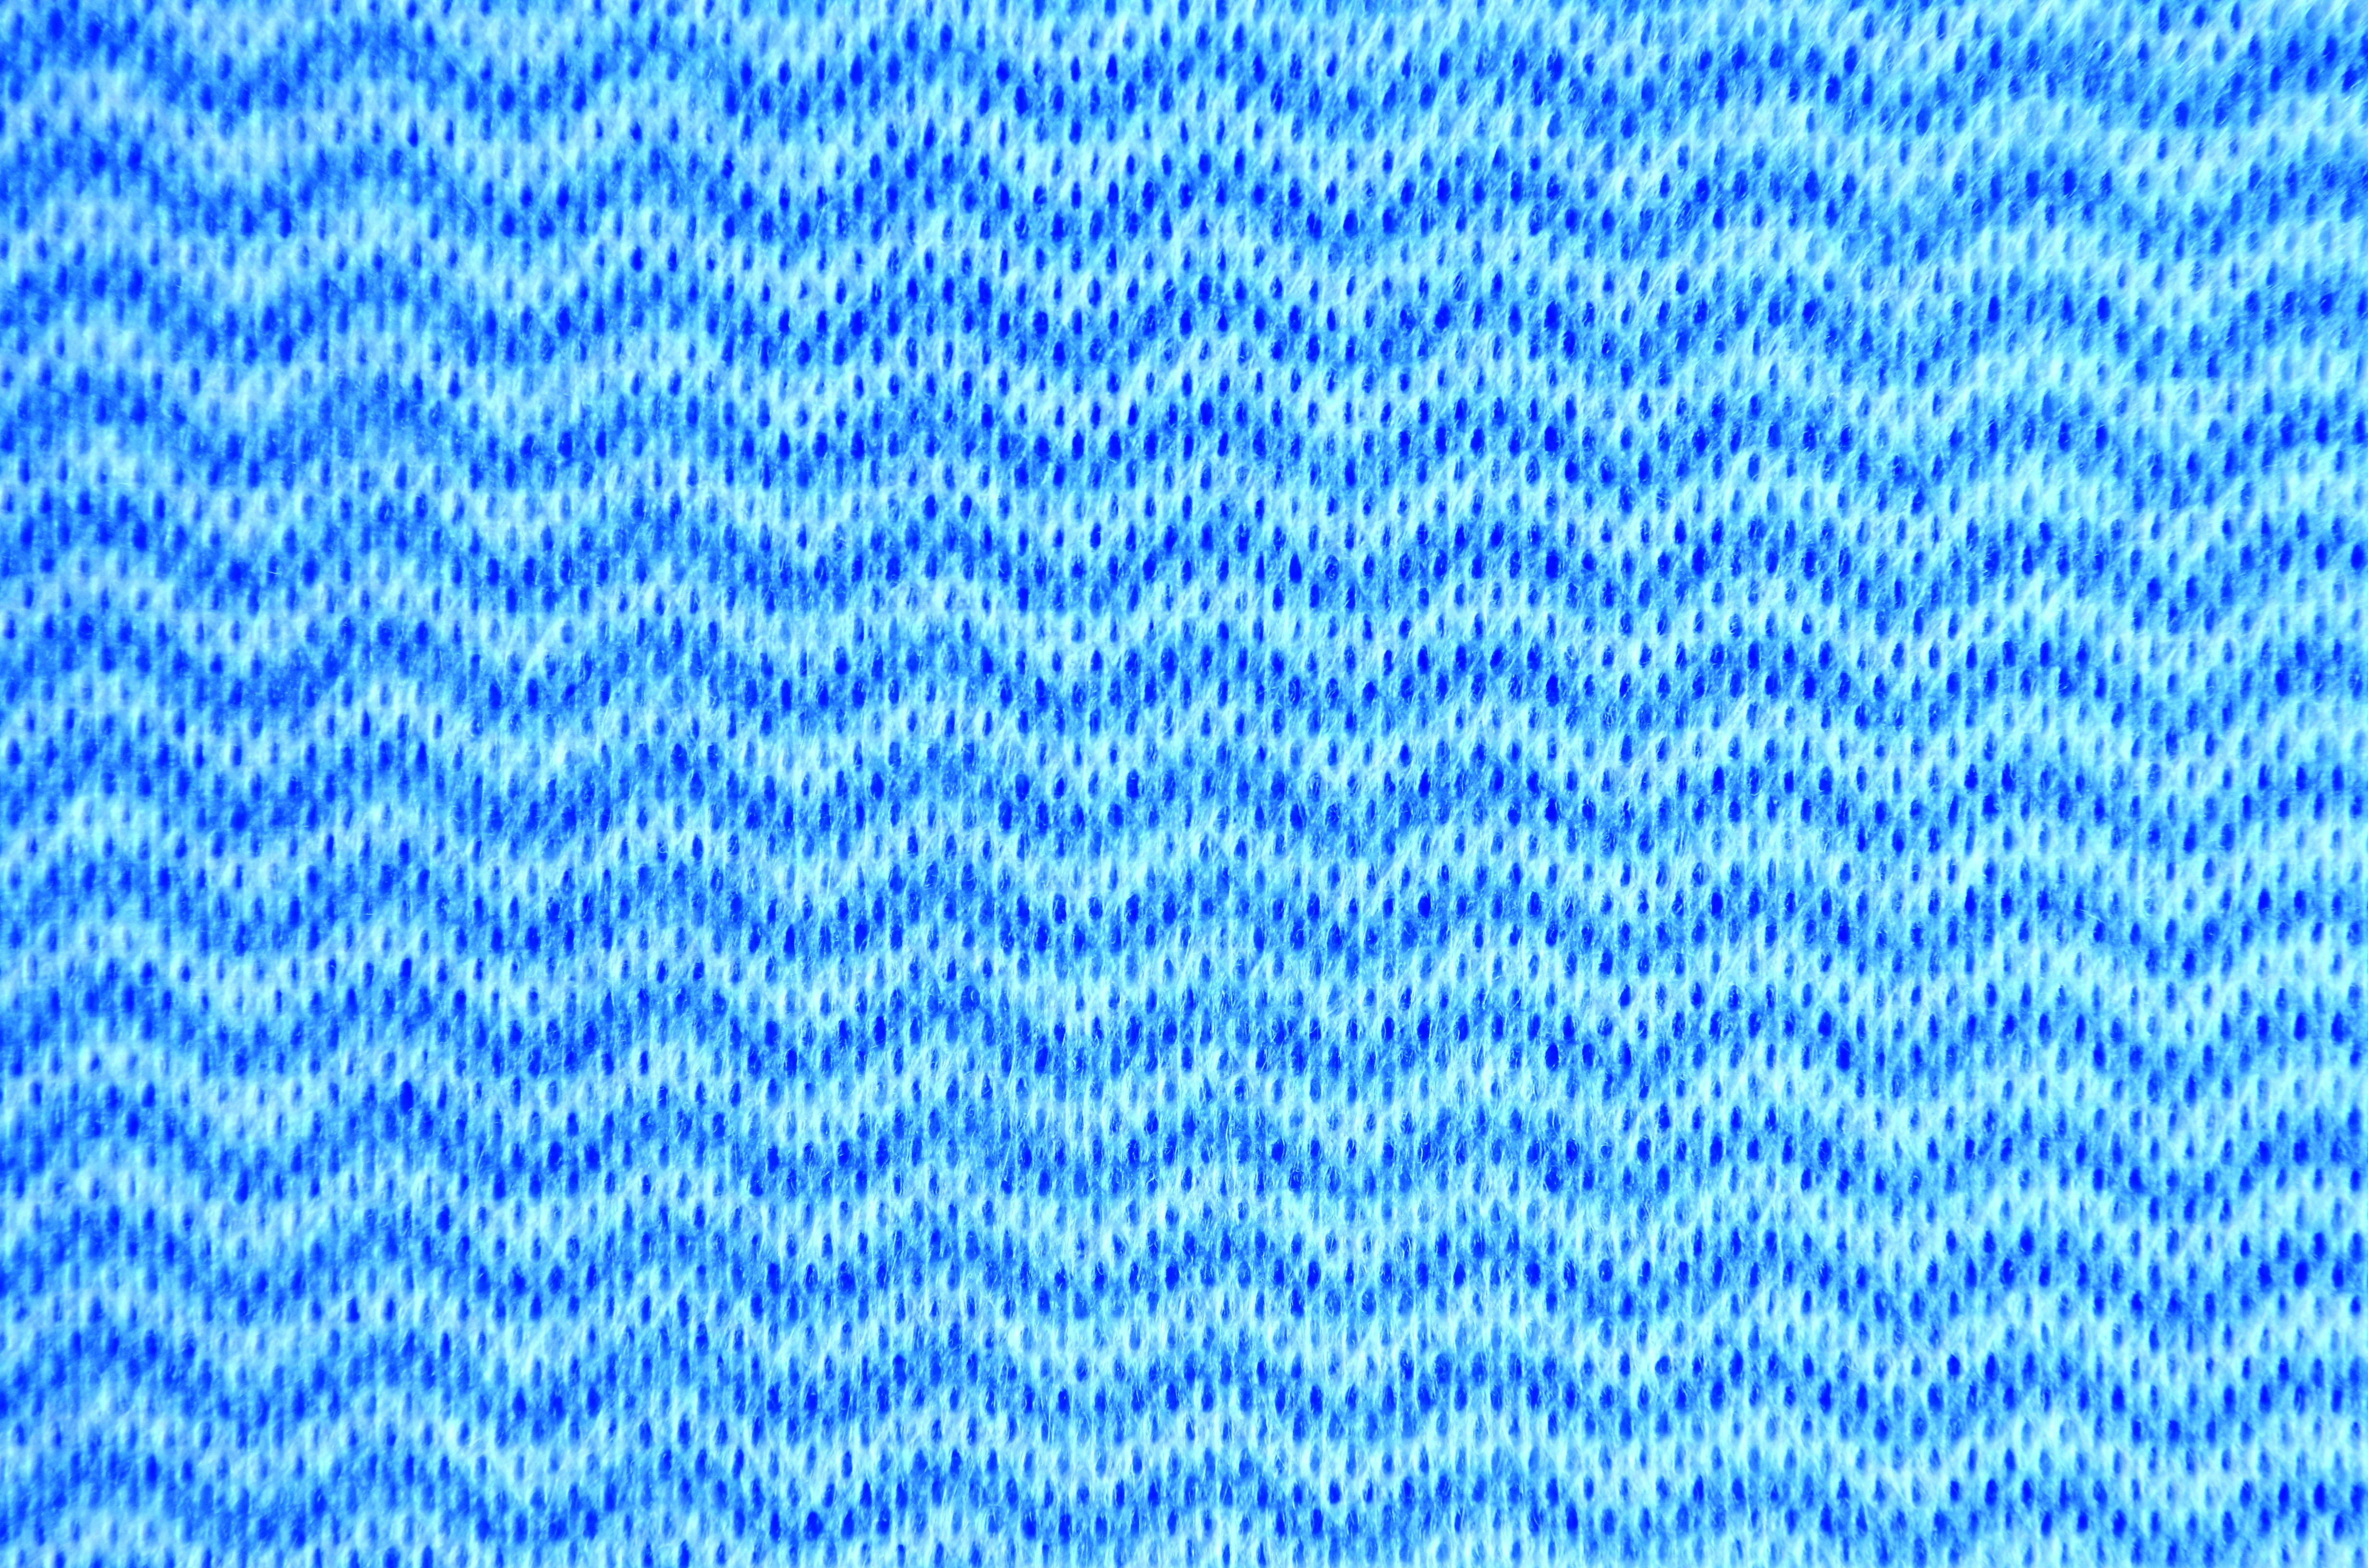 Cotonette Blue Qfold 38x60cm 6x50sh